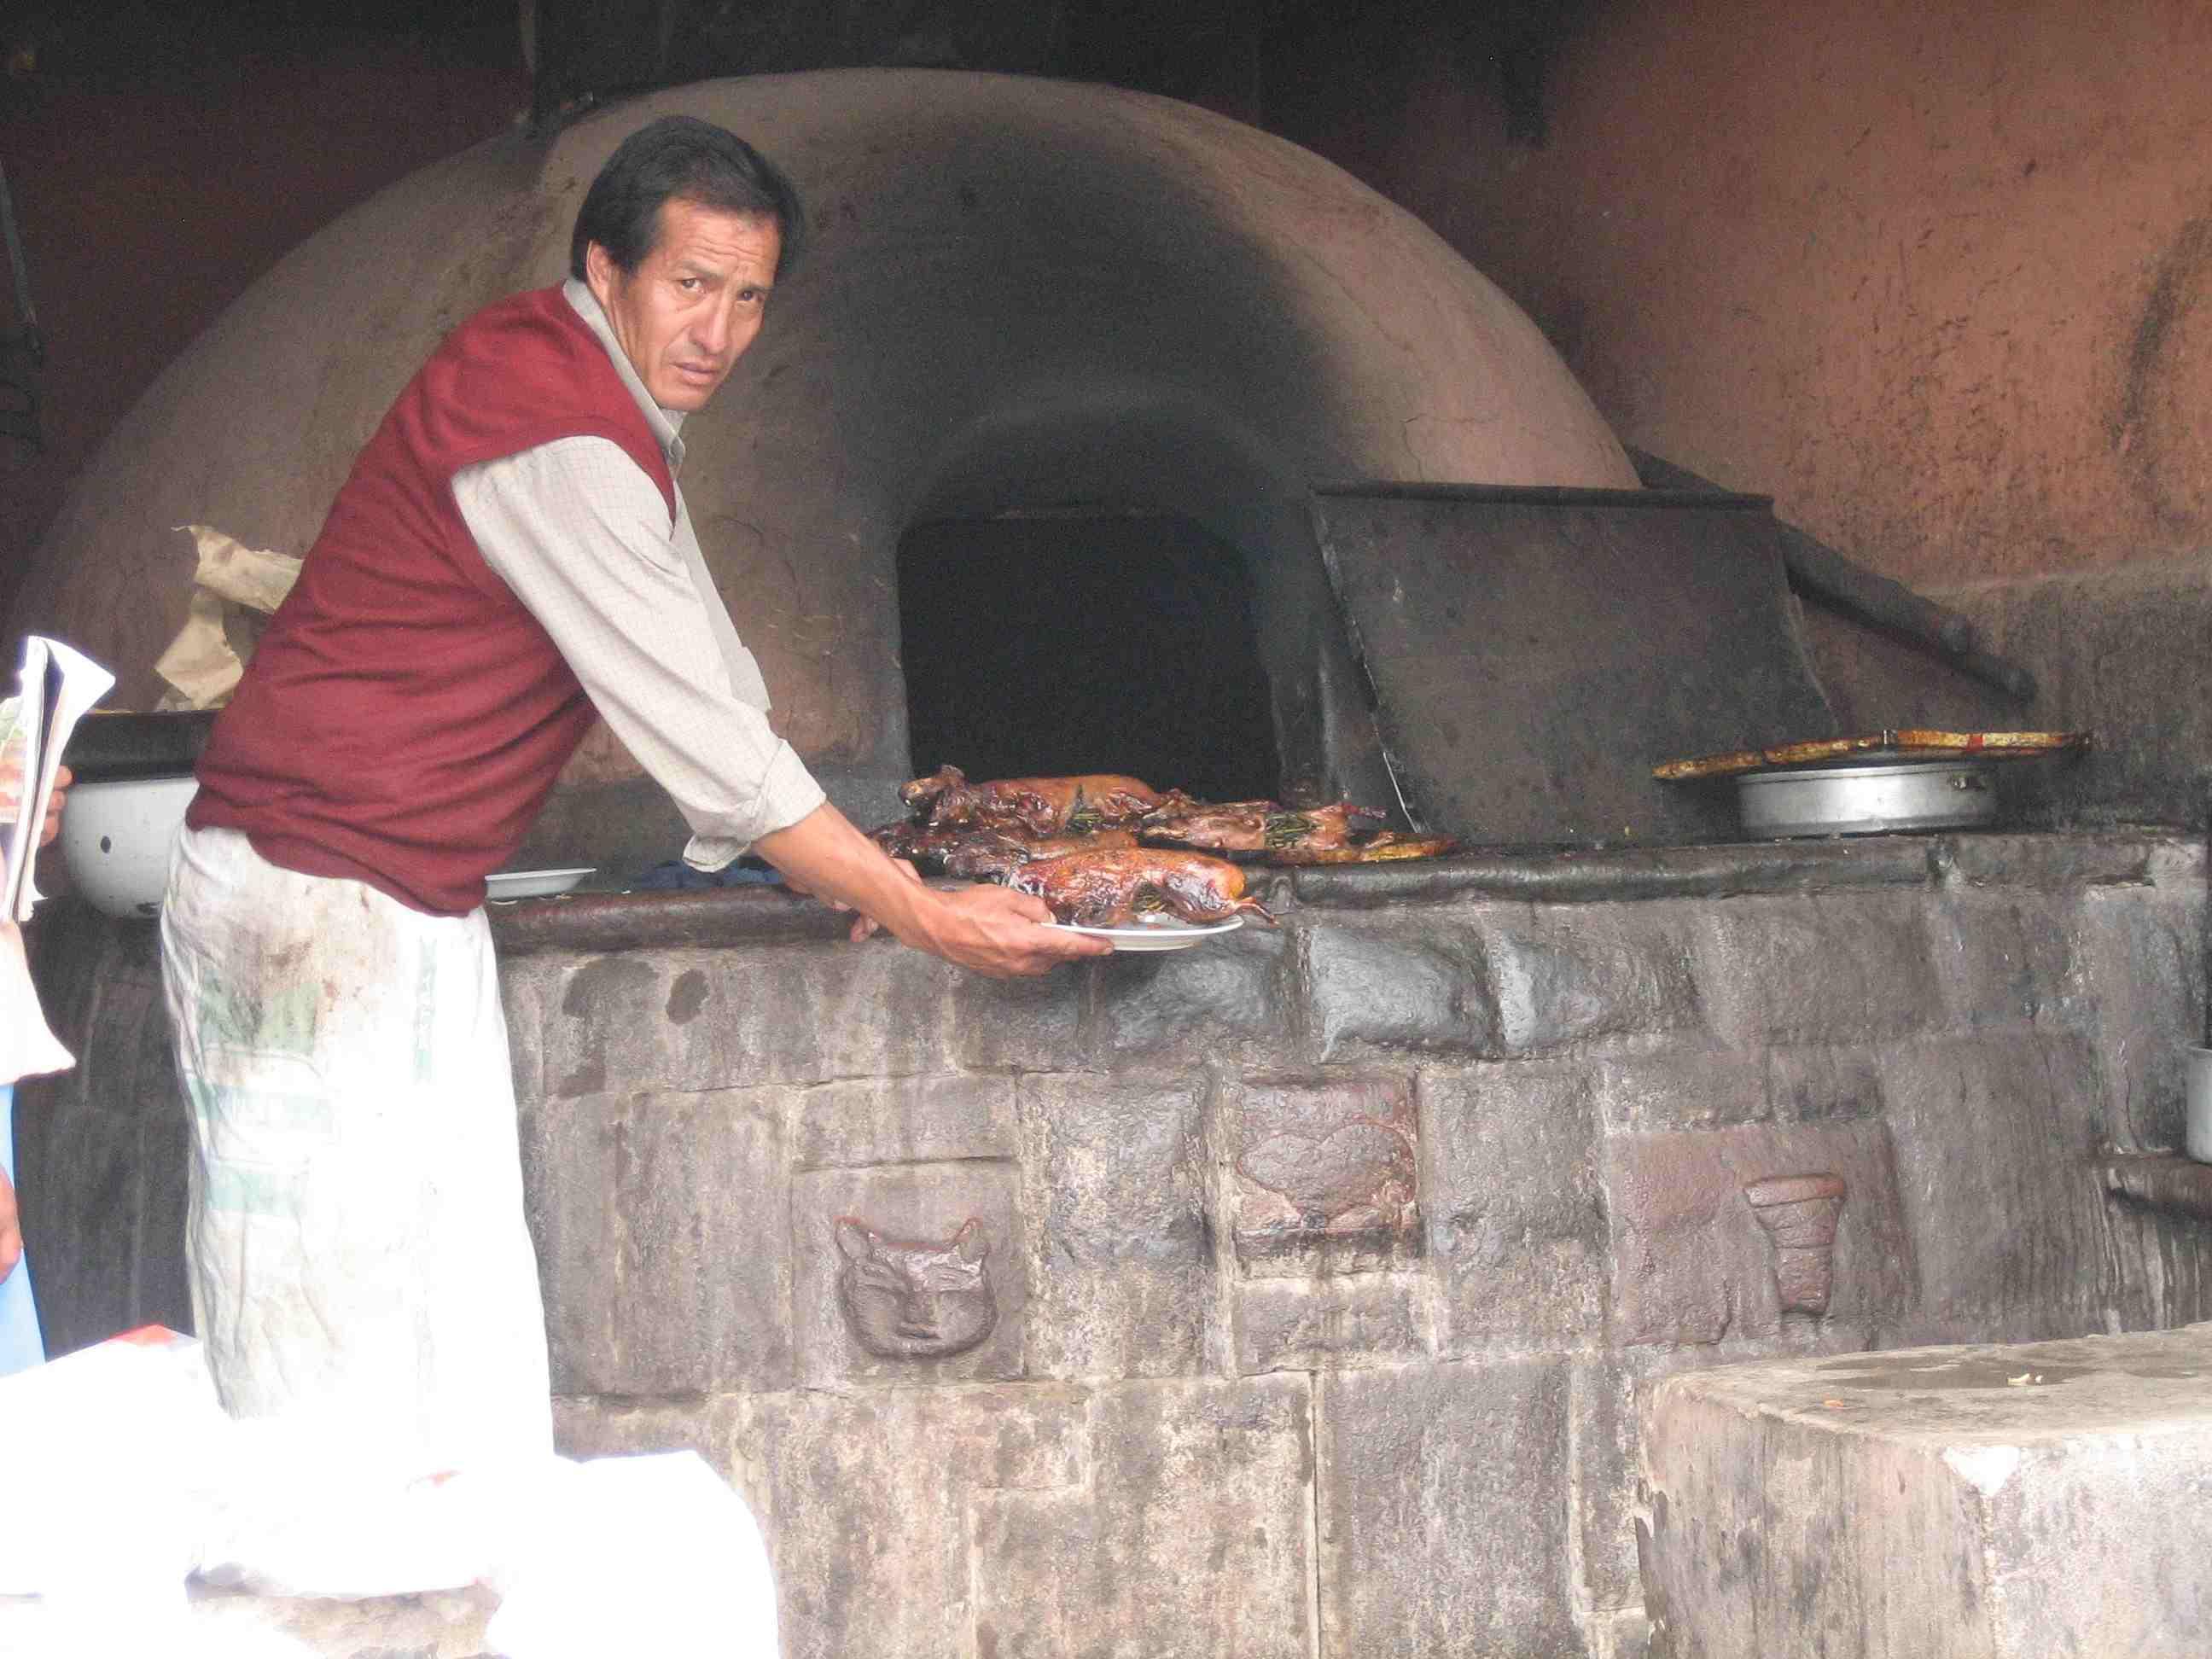 Hoy en día, el cuy se sigue consumiendo en algunos países andinos como Perú, Bolivia y Ecuador. La receta para cocinarlo (asado, al horno o frito) generalmente varía según el país o la región.